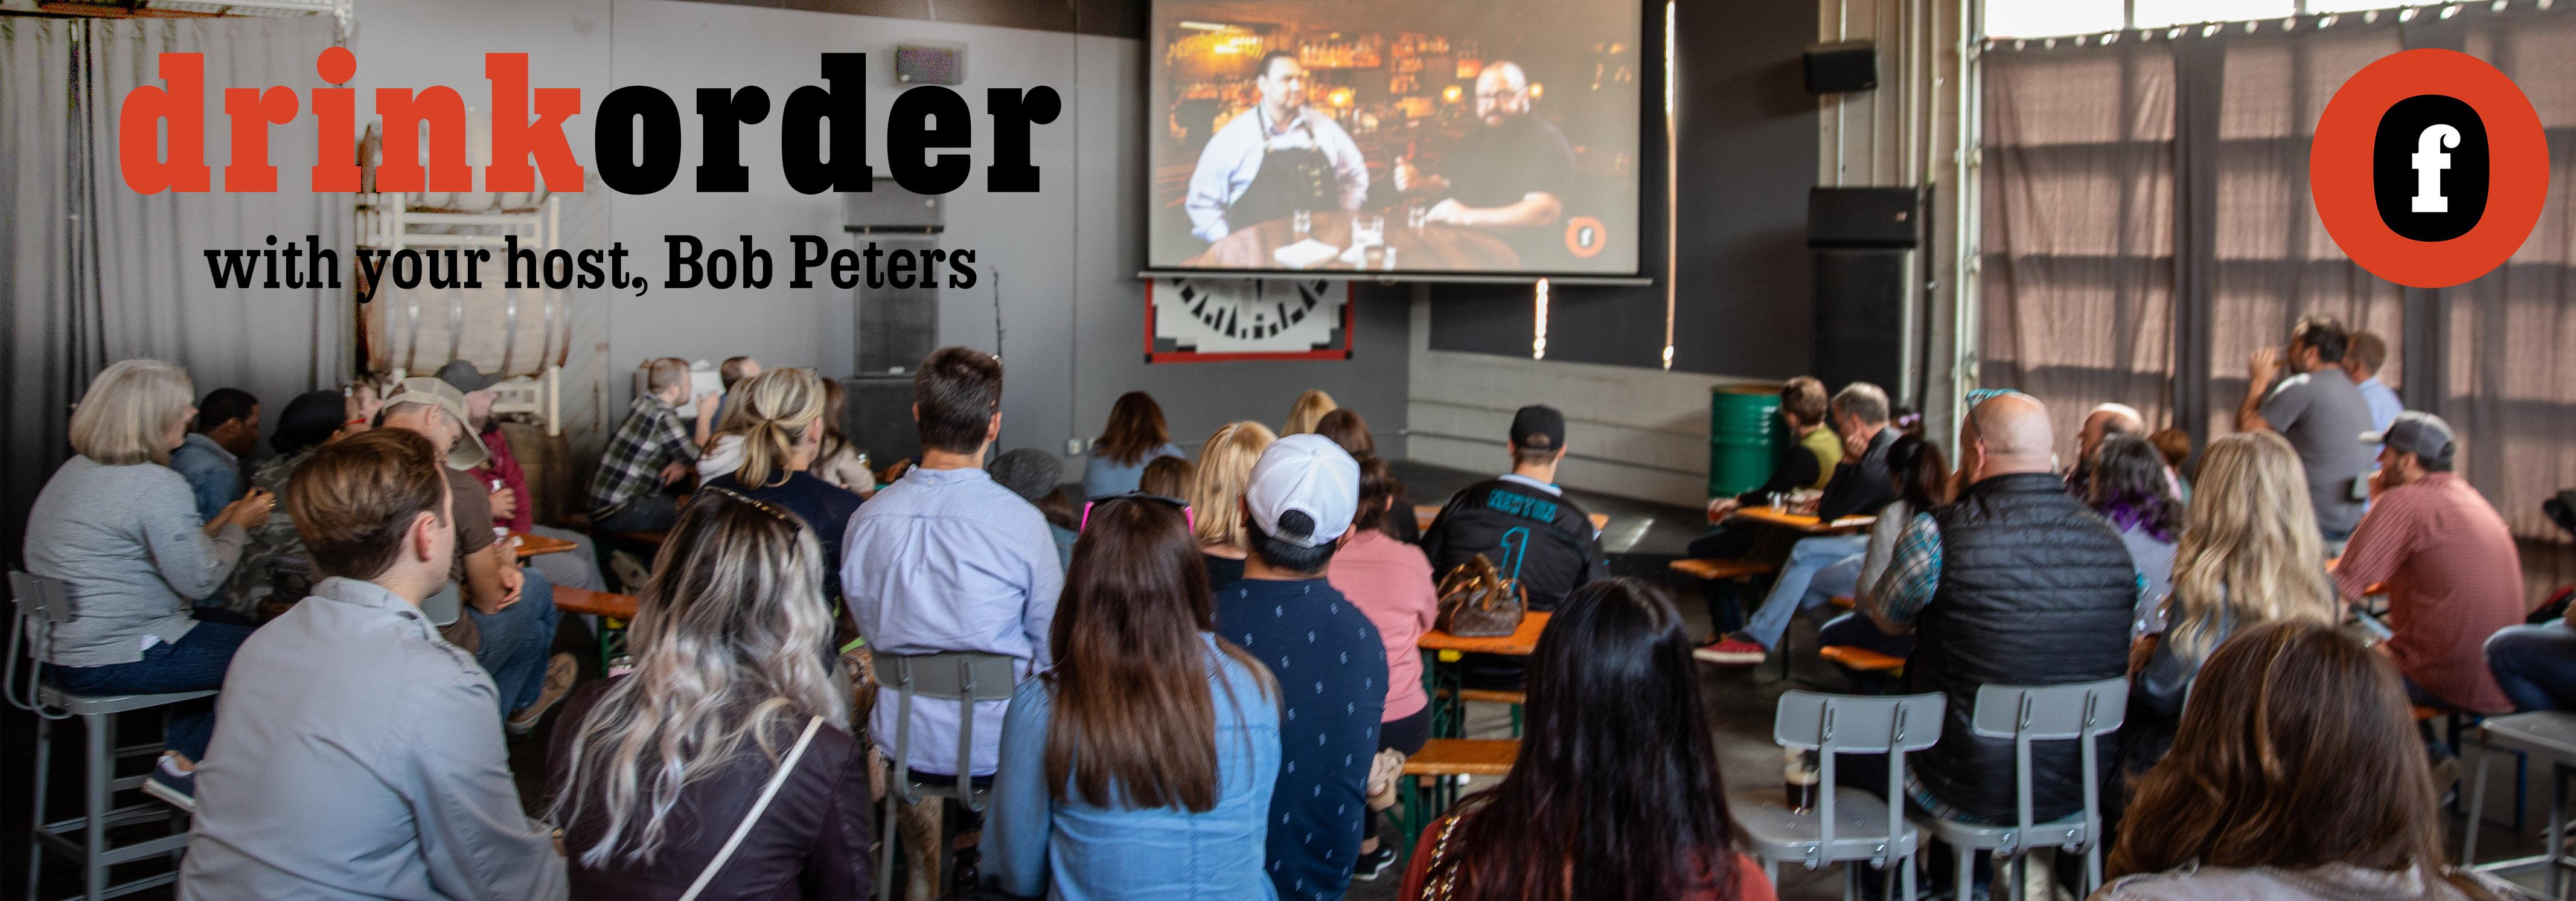 website.middlebanner.template.drinkorder